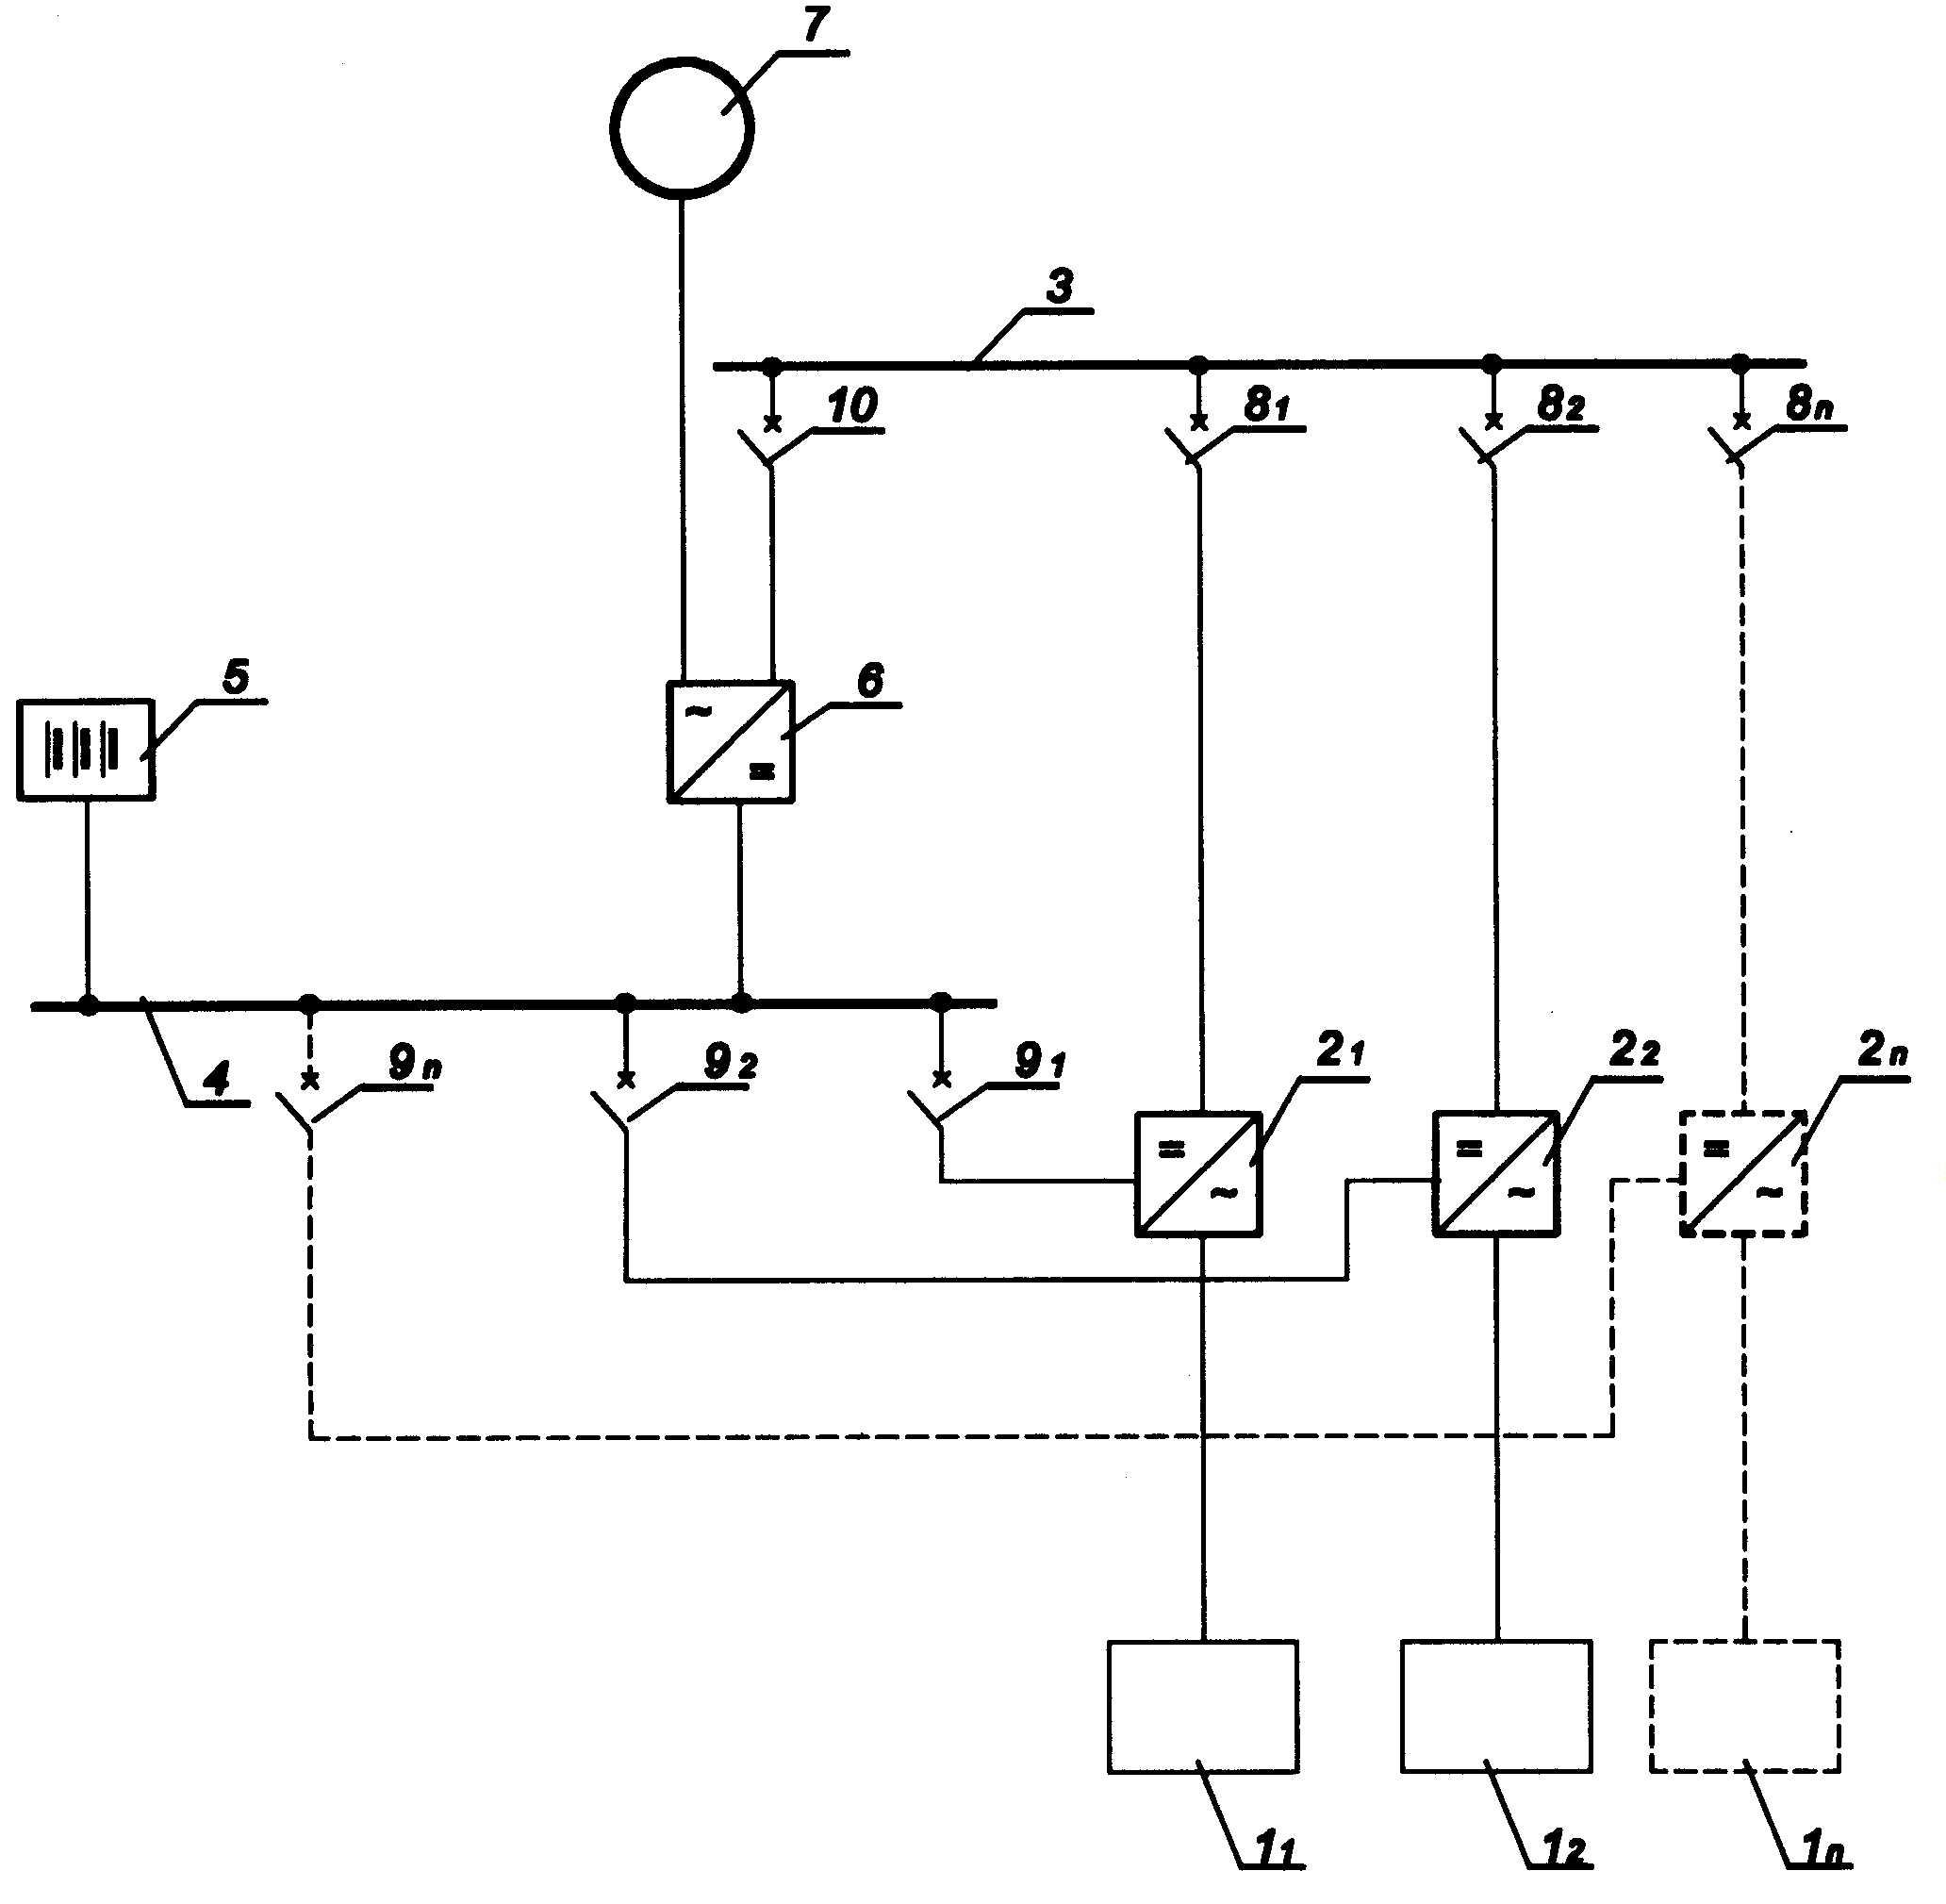 Urządzenie zabezpieczające przed awaryjnym zanikiem napięcia zasilającego przemiennego u odbiorców